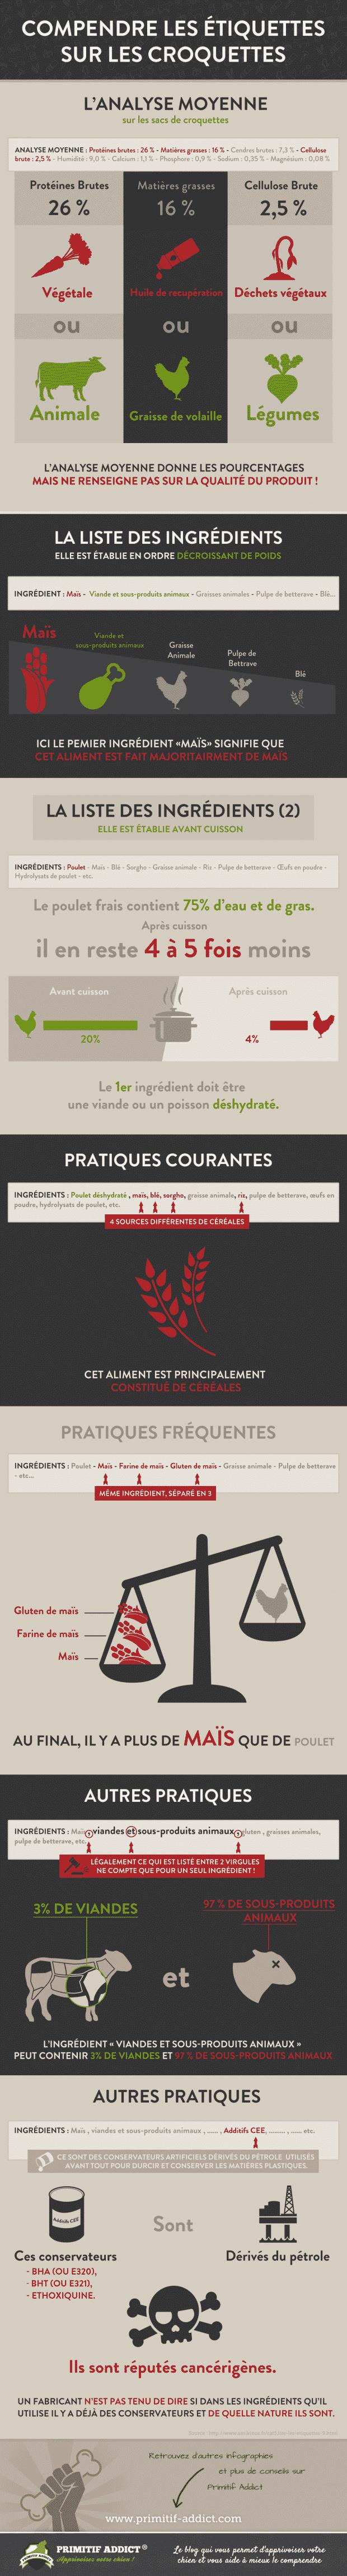 """Les mycotoxines dans la """"petfood"""": un vrai danger!  Infographics_Croquettes_Chiens-620x4599"""